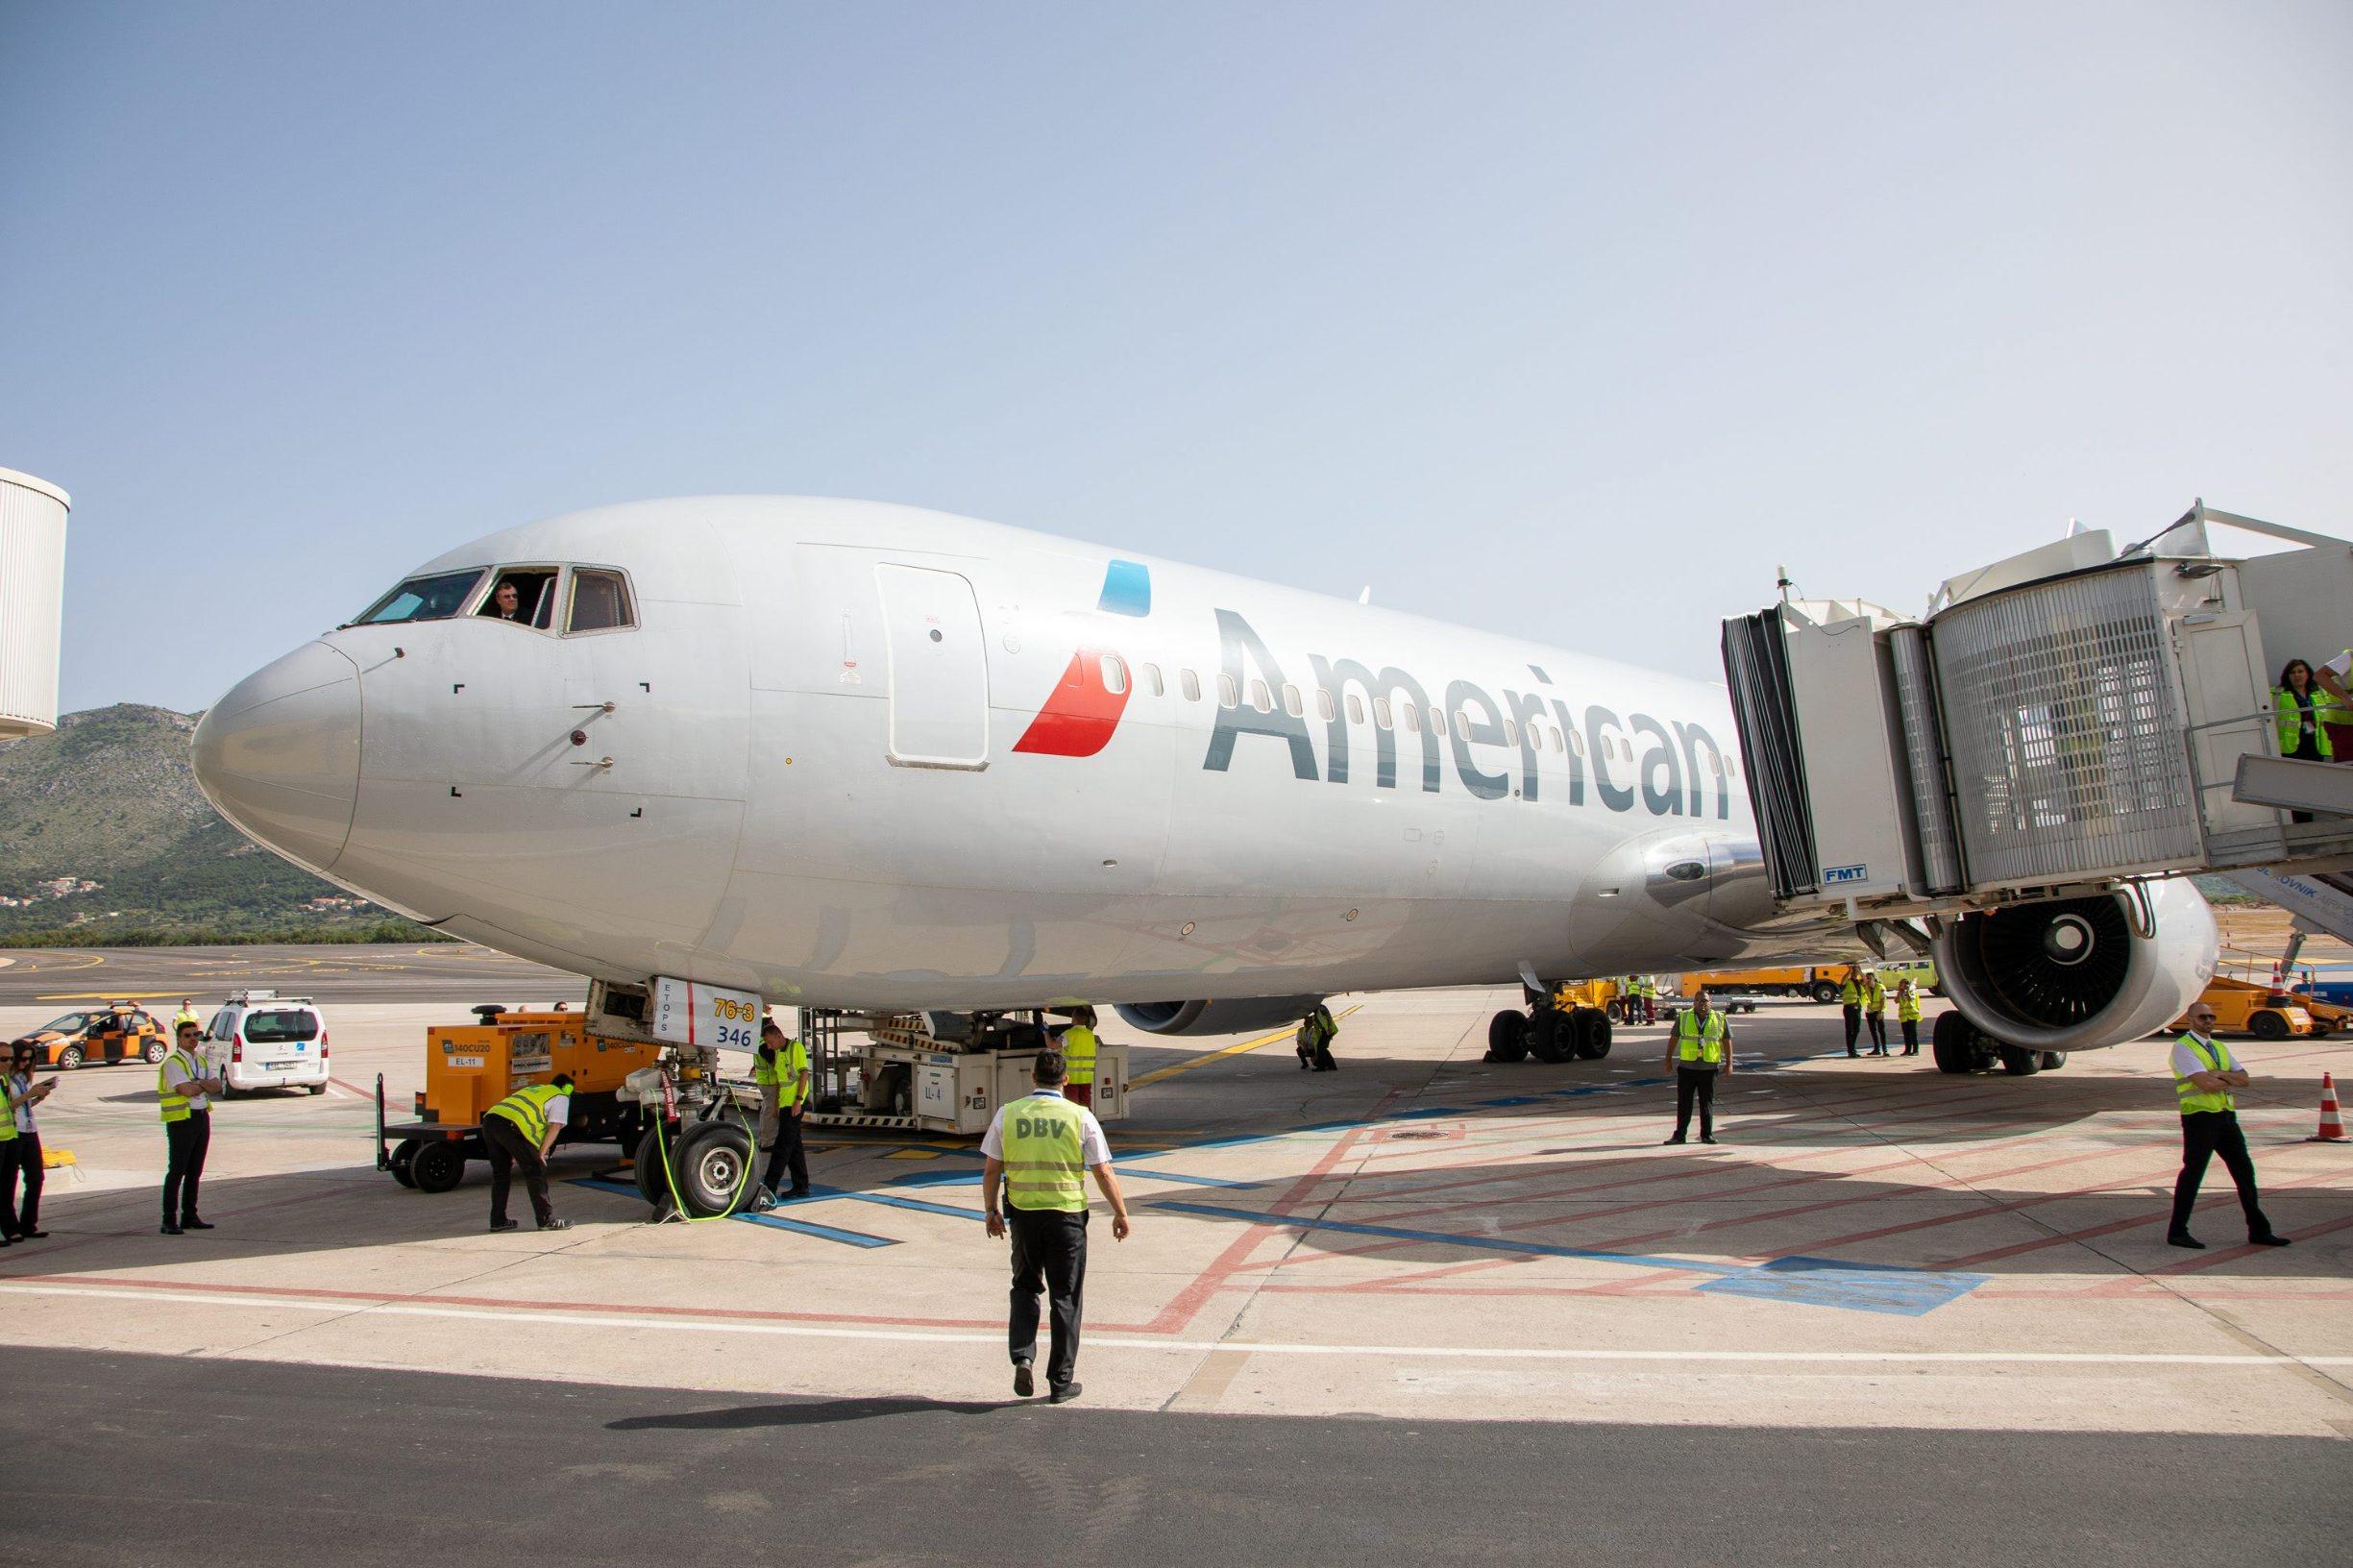 Doček inauguracijskog leta American Airlines na relaciji Philadelphia-Dubrovnik